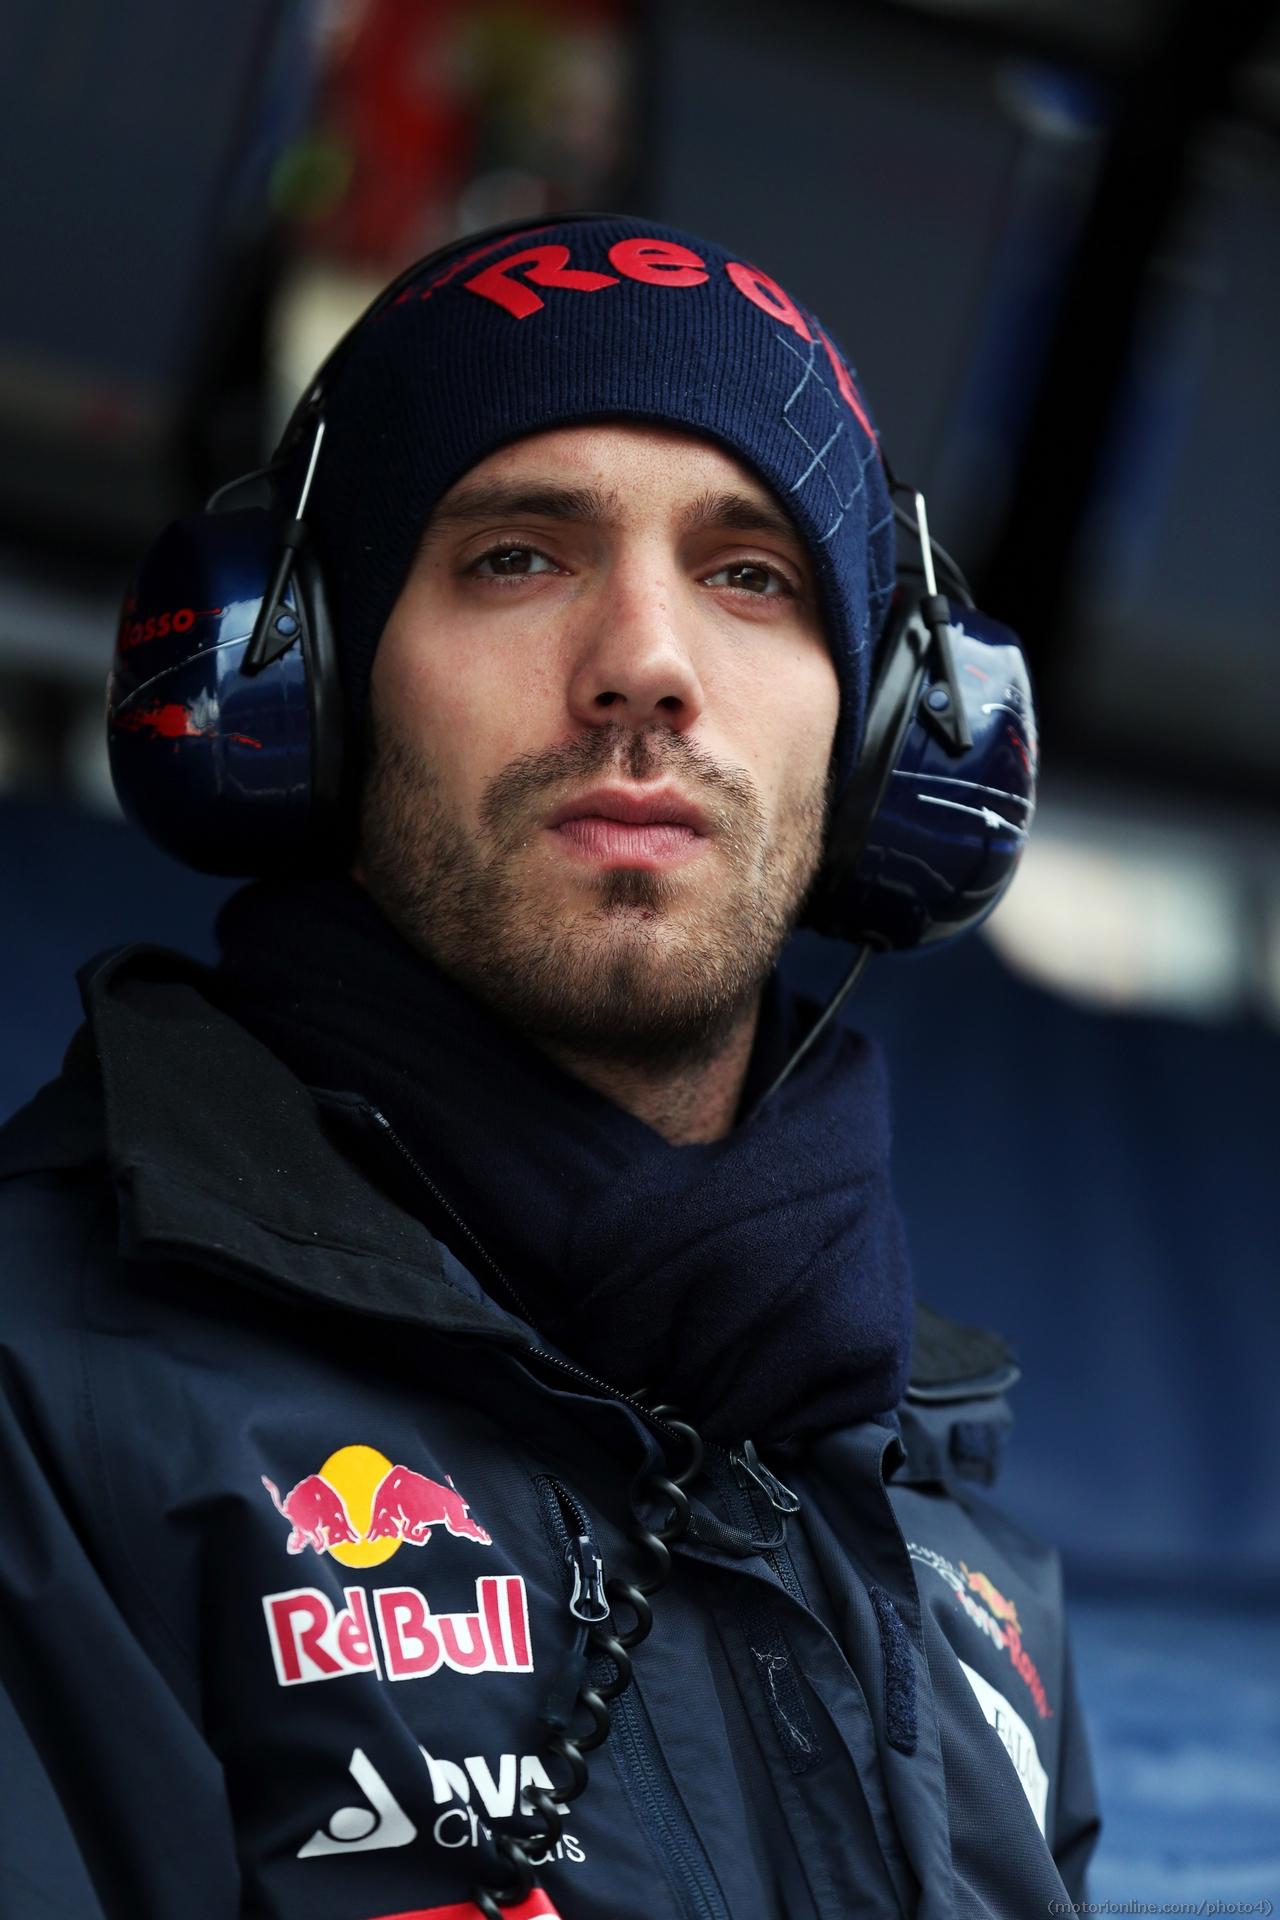 Jean-Eric Vergne (FRA) Scuderia Toro Rosso. 01.03.2013.